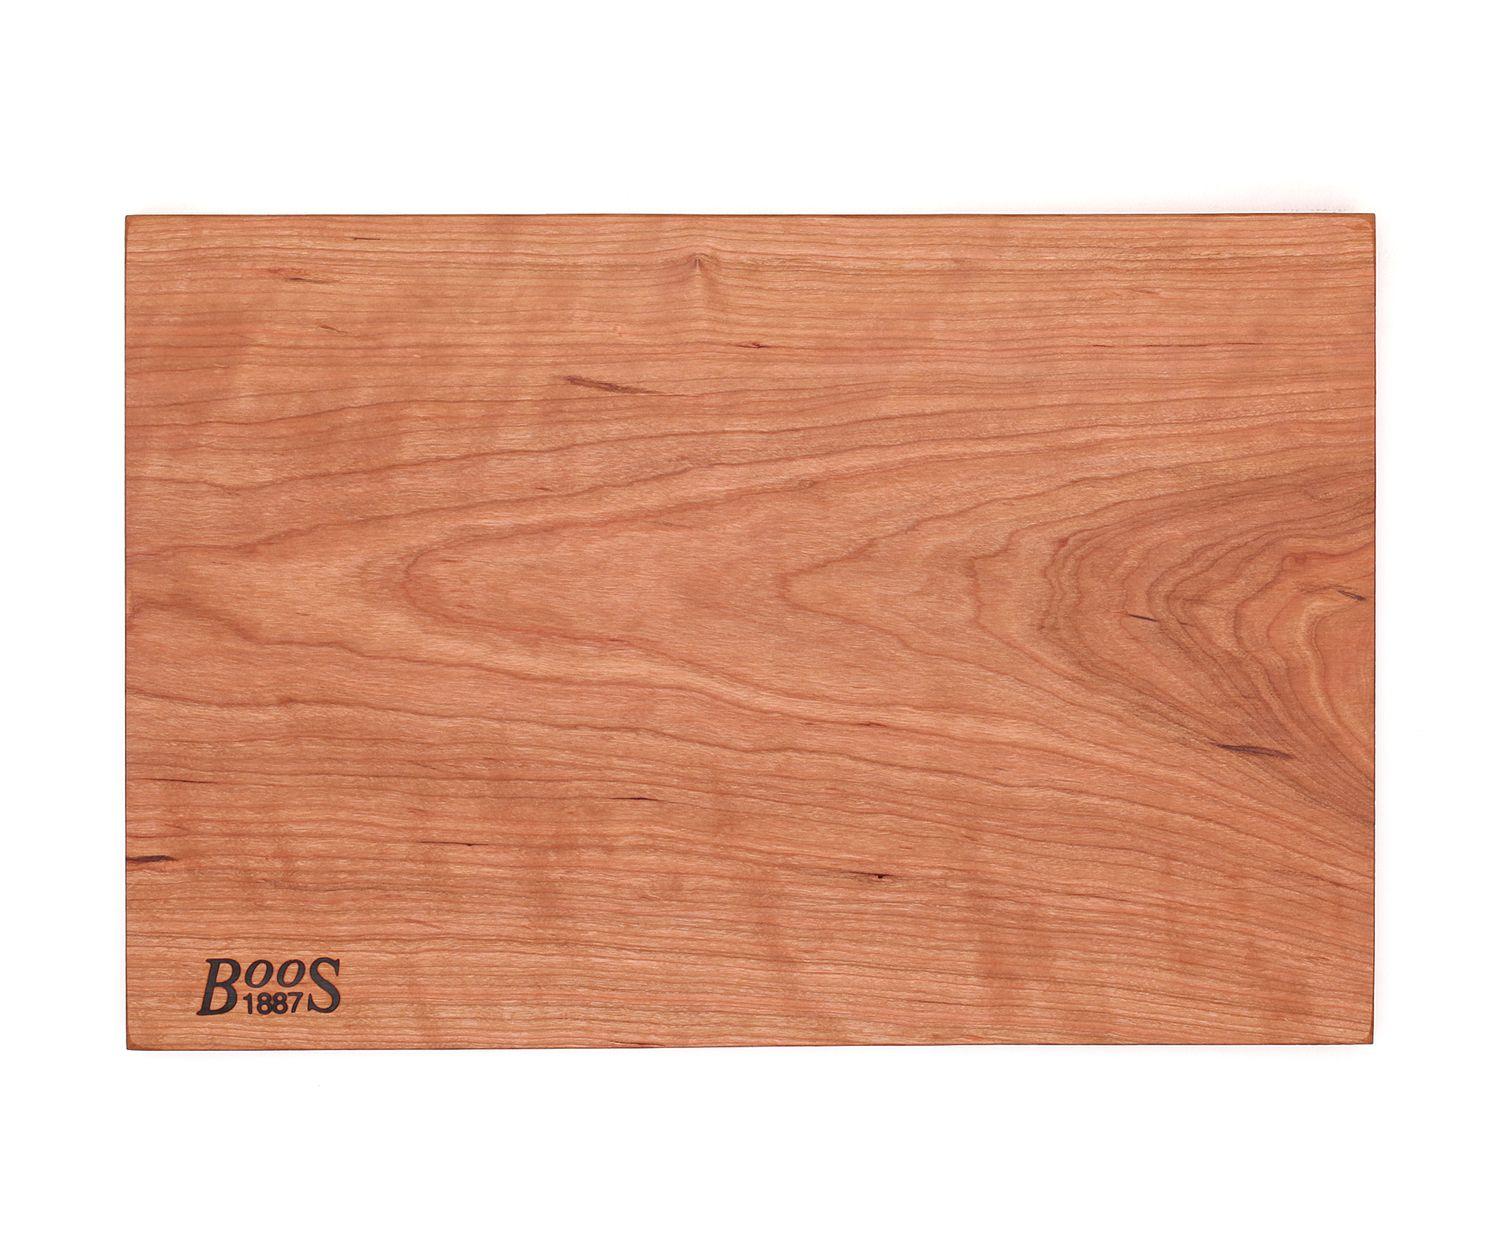 Boos Blocks Schneidebrett M, Kirsche – Bild 3